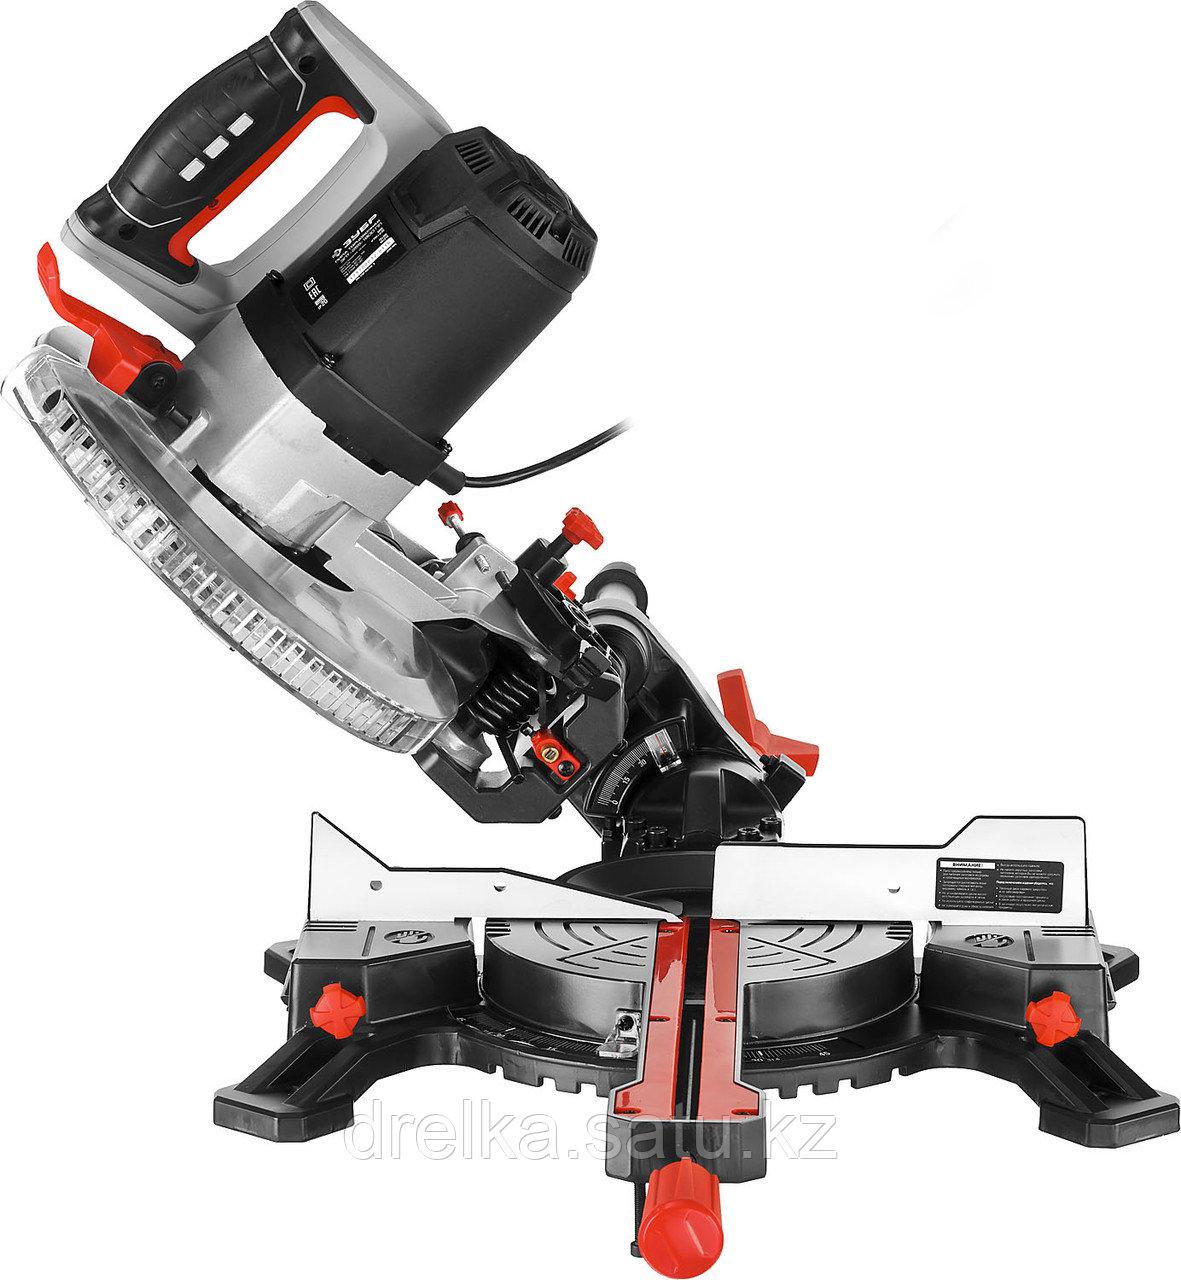 Пила торцовочная ЗУБР ЗПТ-255-1800 ПЛ, МАСТЕР, 255 мм, 1800 Вт, 5000 об/мин, с протяжкой, лазер - фото 5